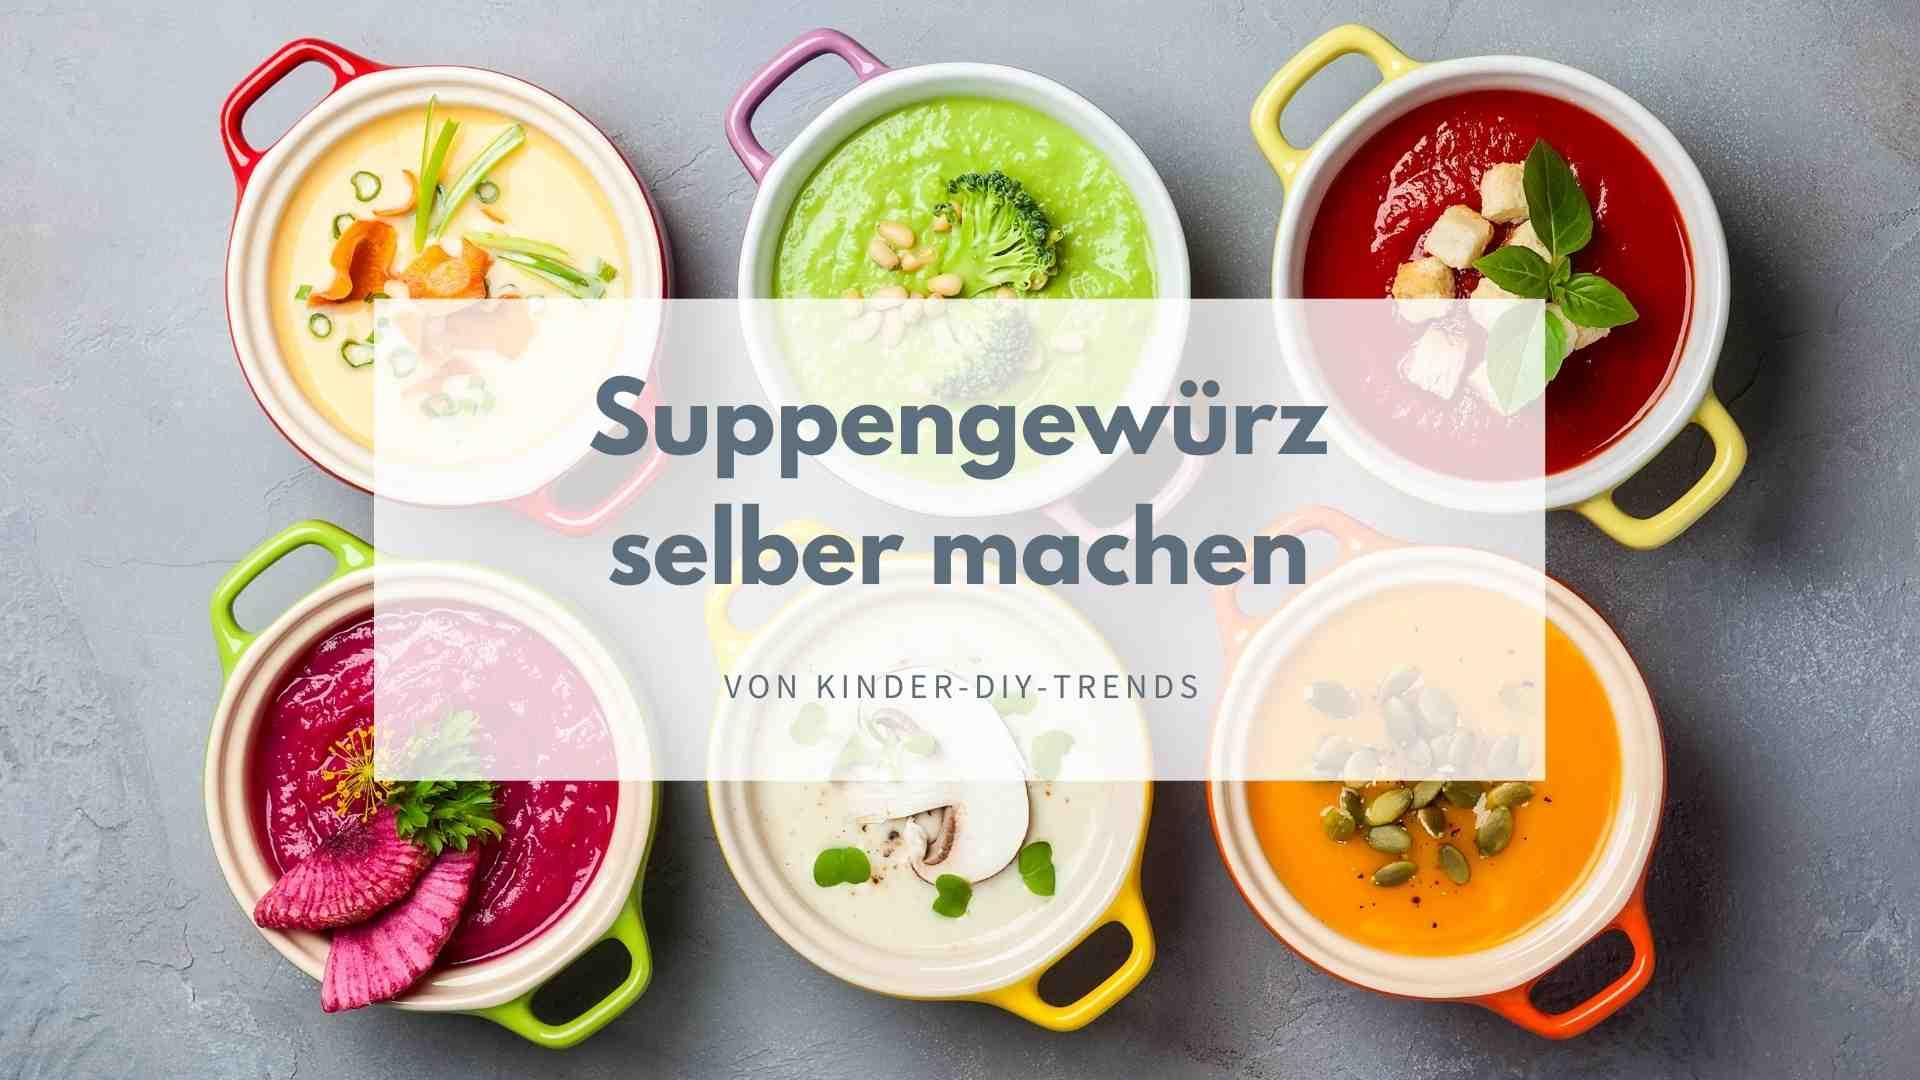 Basis für Suppen selber machen: Rezept für Suppenwürze